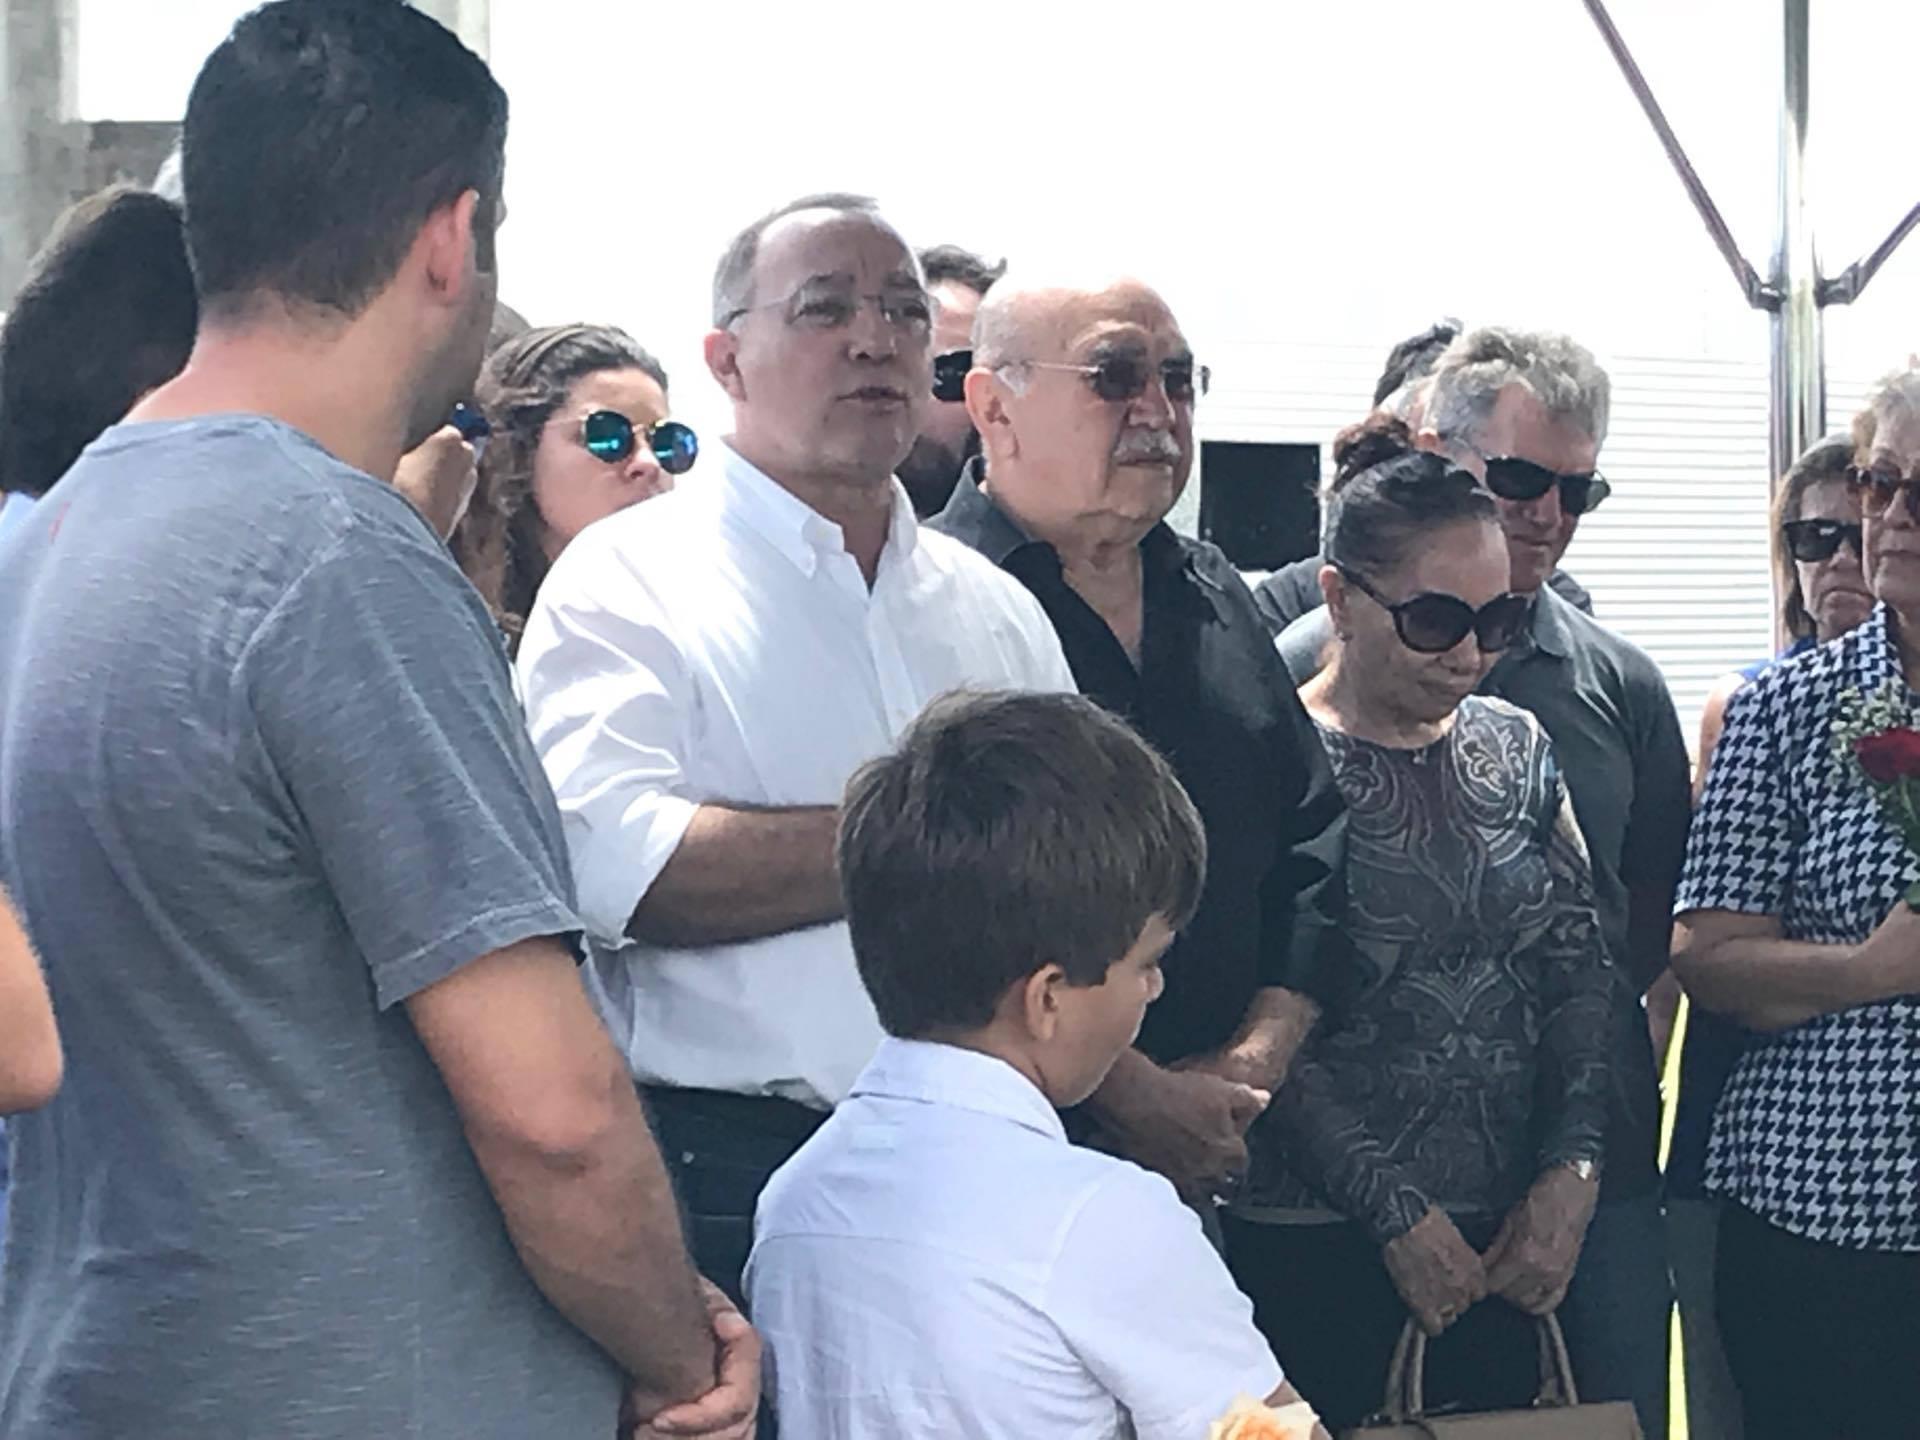 24115555 1637755966280563 1242150620 o - VEJA VÍDEOS: Sócio de empresário assassinado diz durante sepultamento que 'gabinetes bacanas de Brasília' deixam população à mercê de bandidos